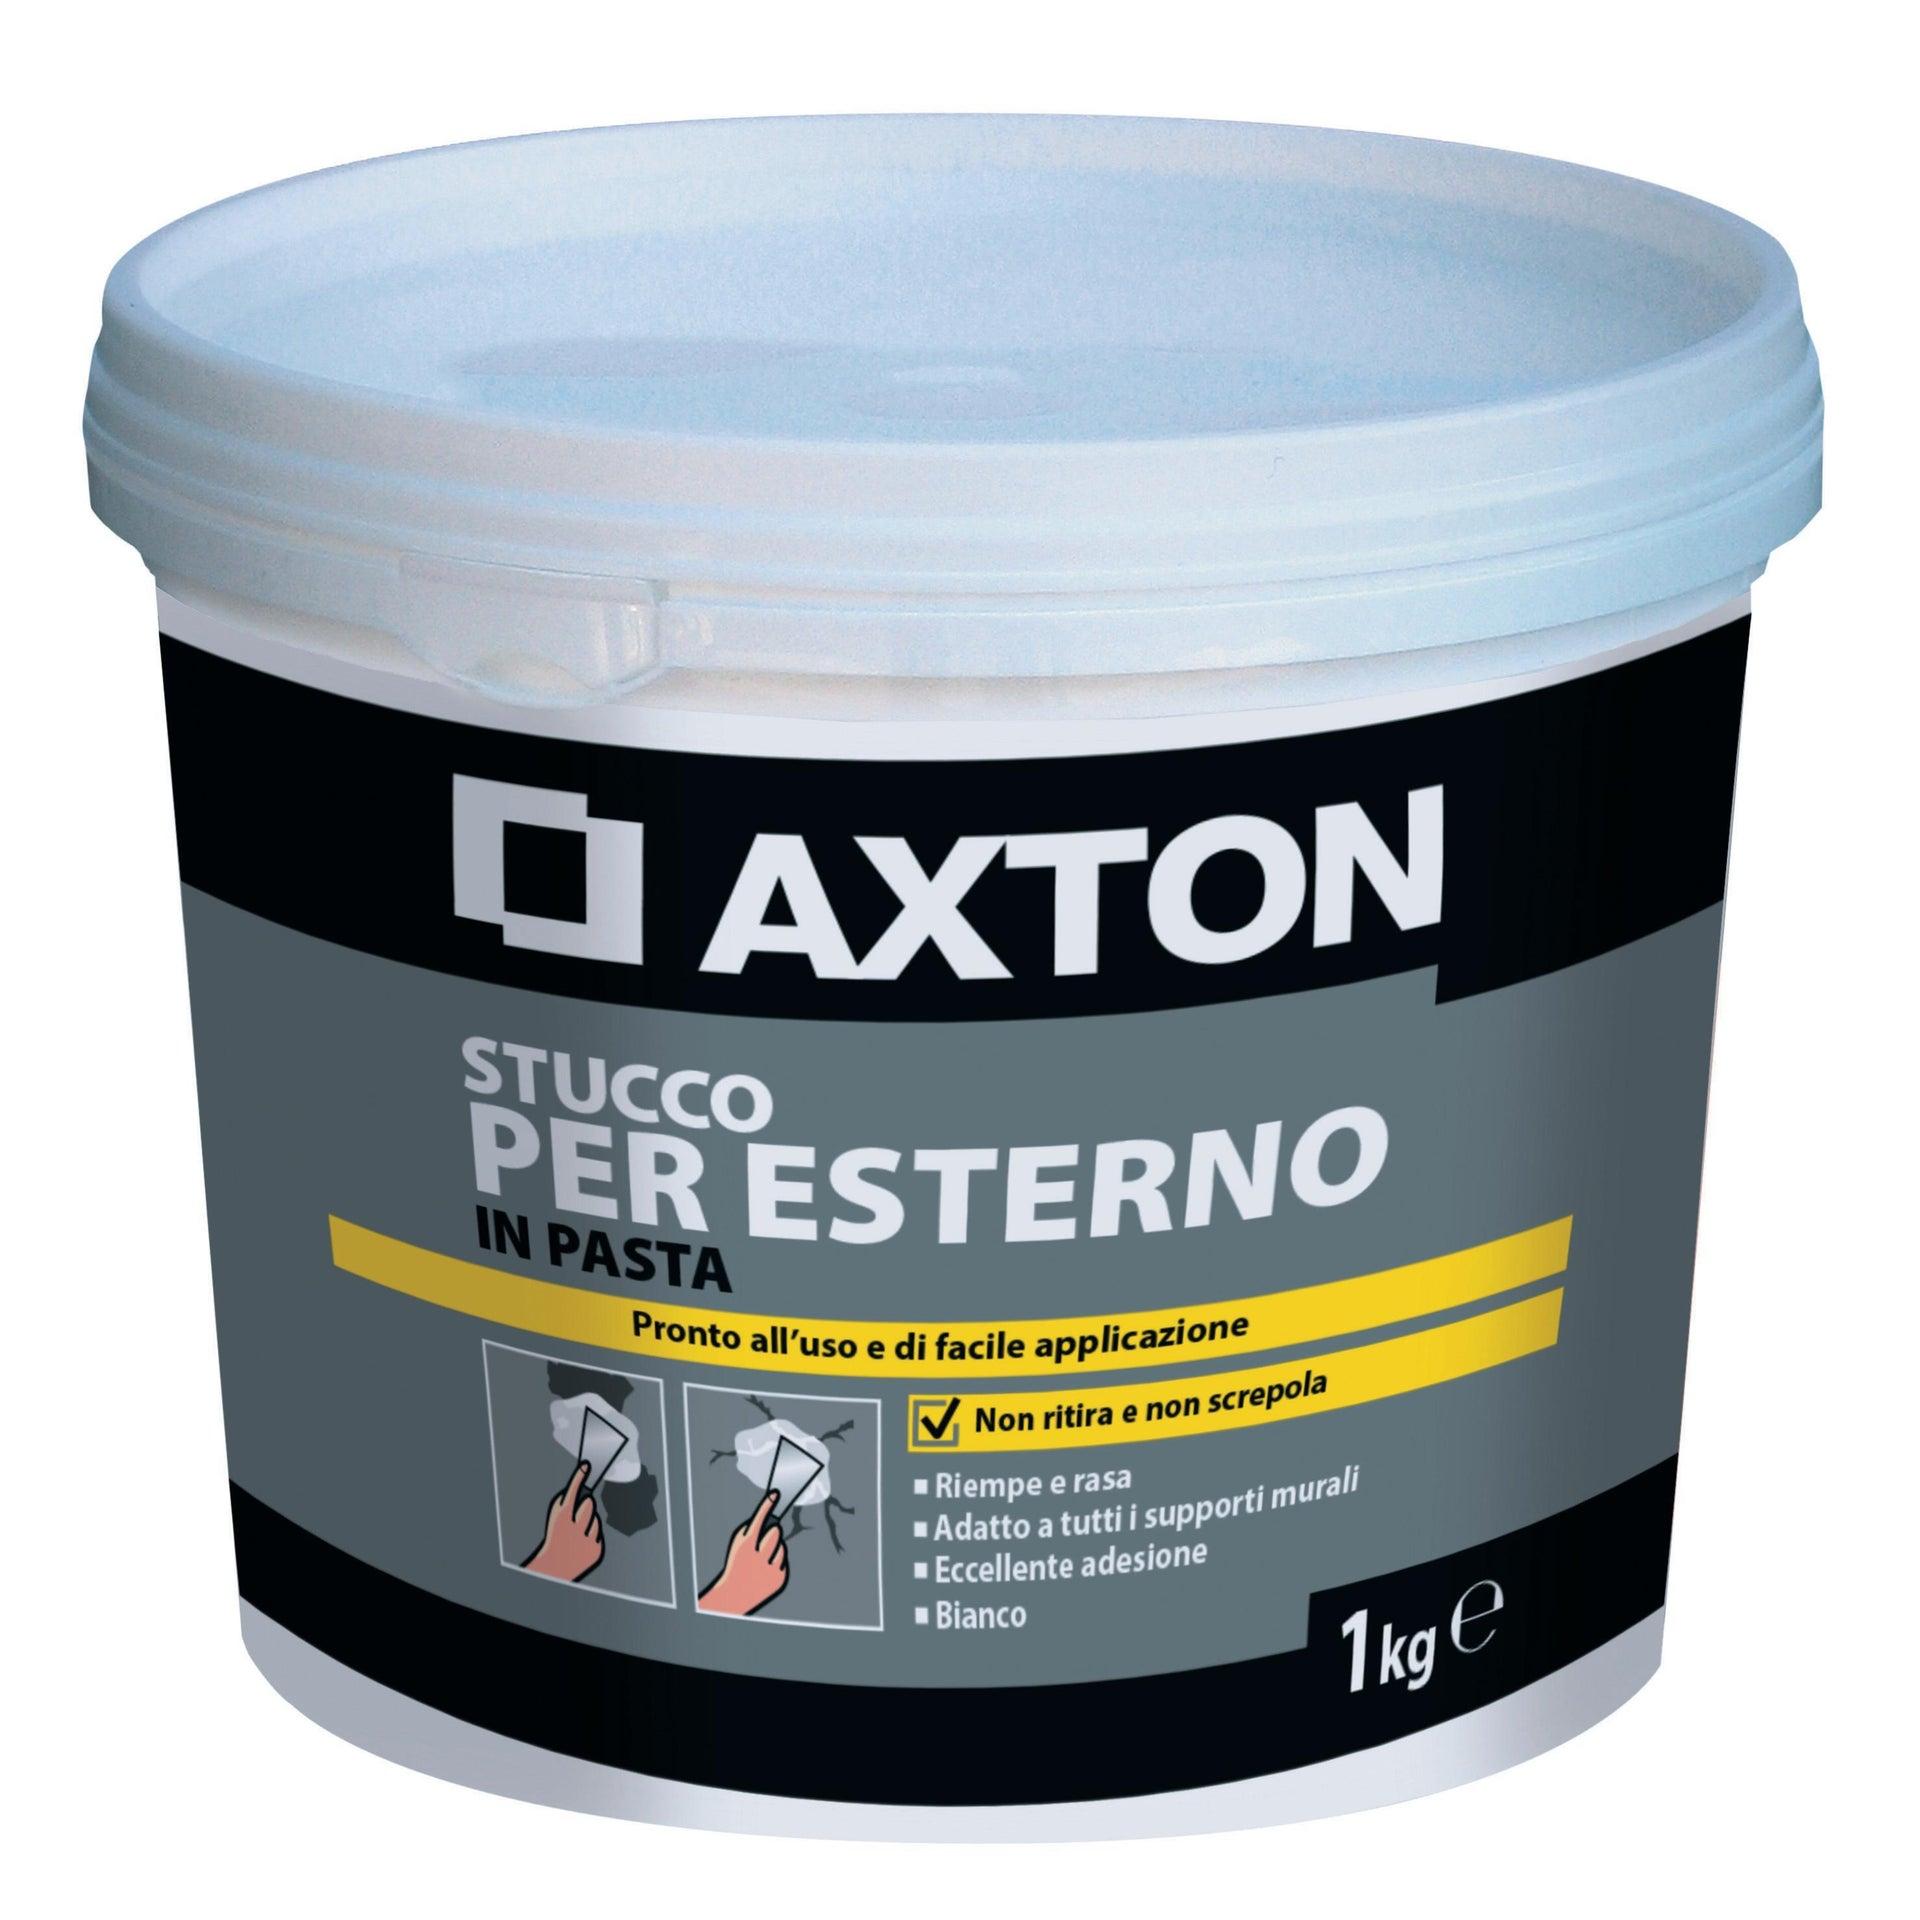 Stucco in pasta AXTON per esterno 1 kg bianco - 1